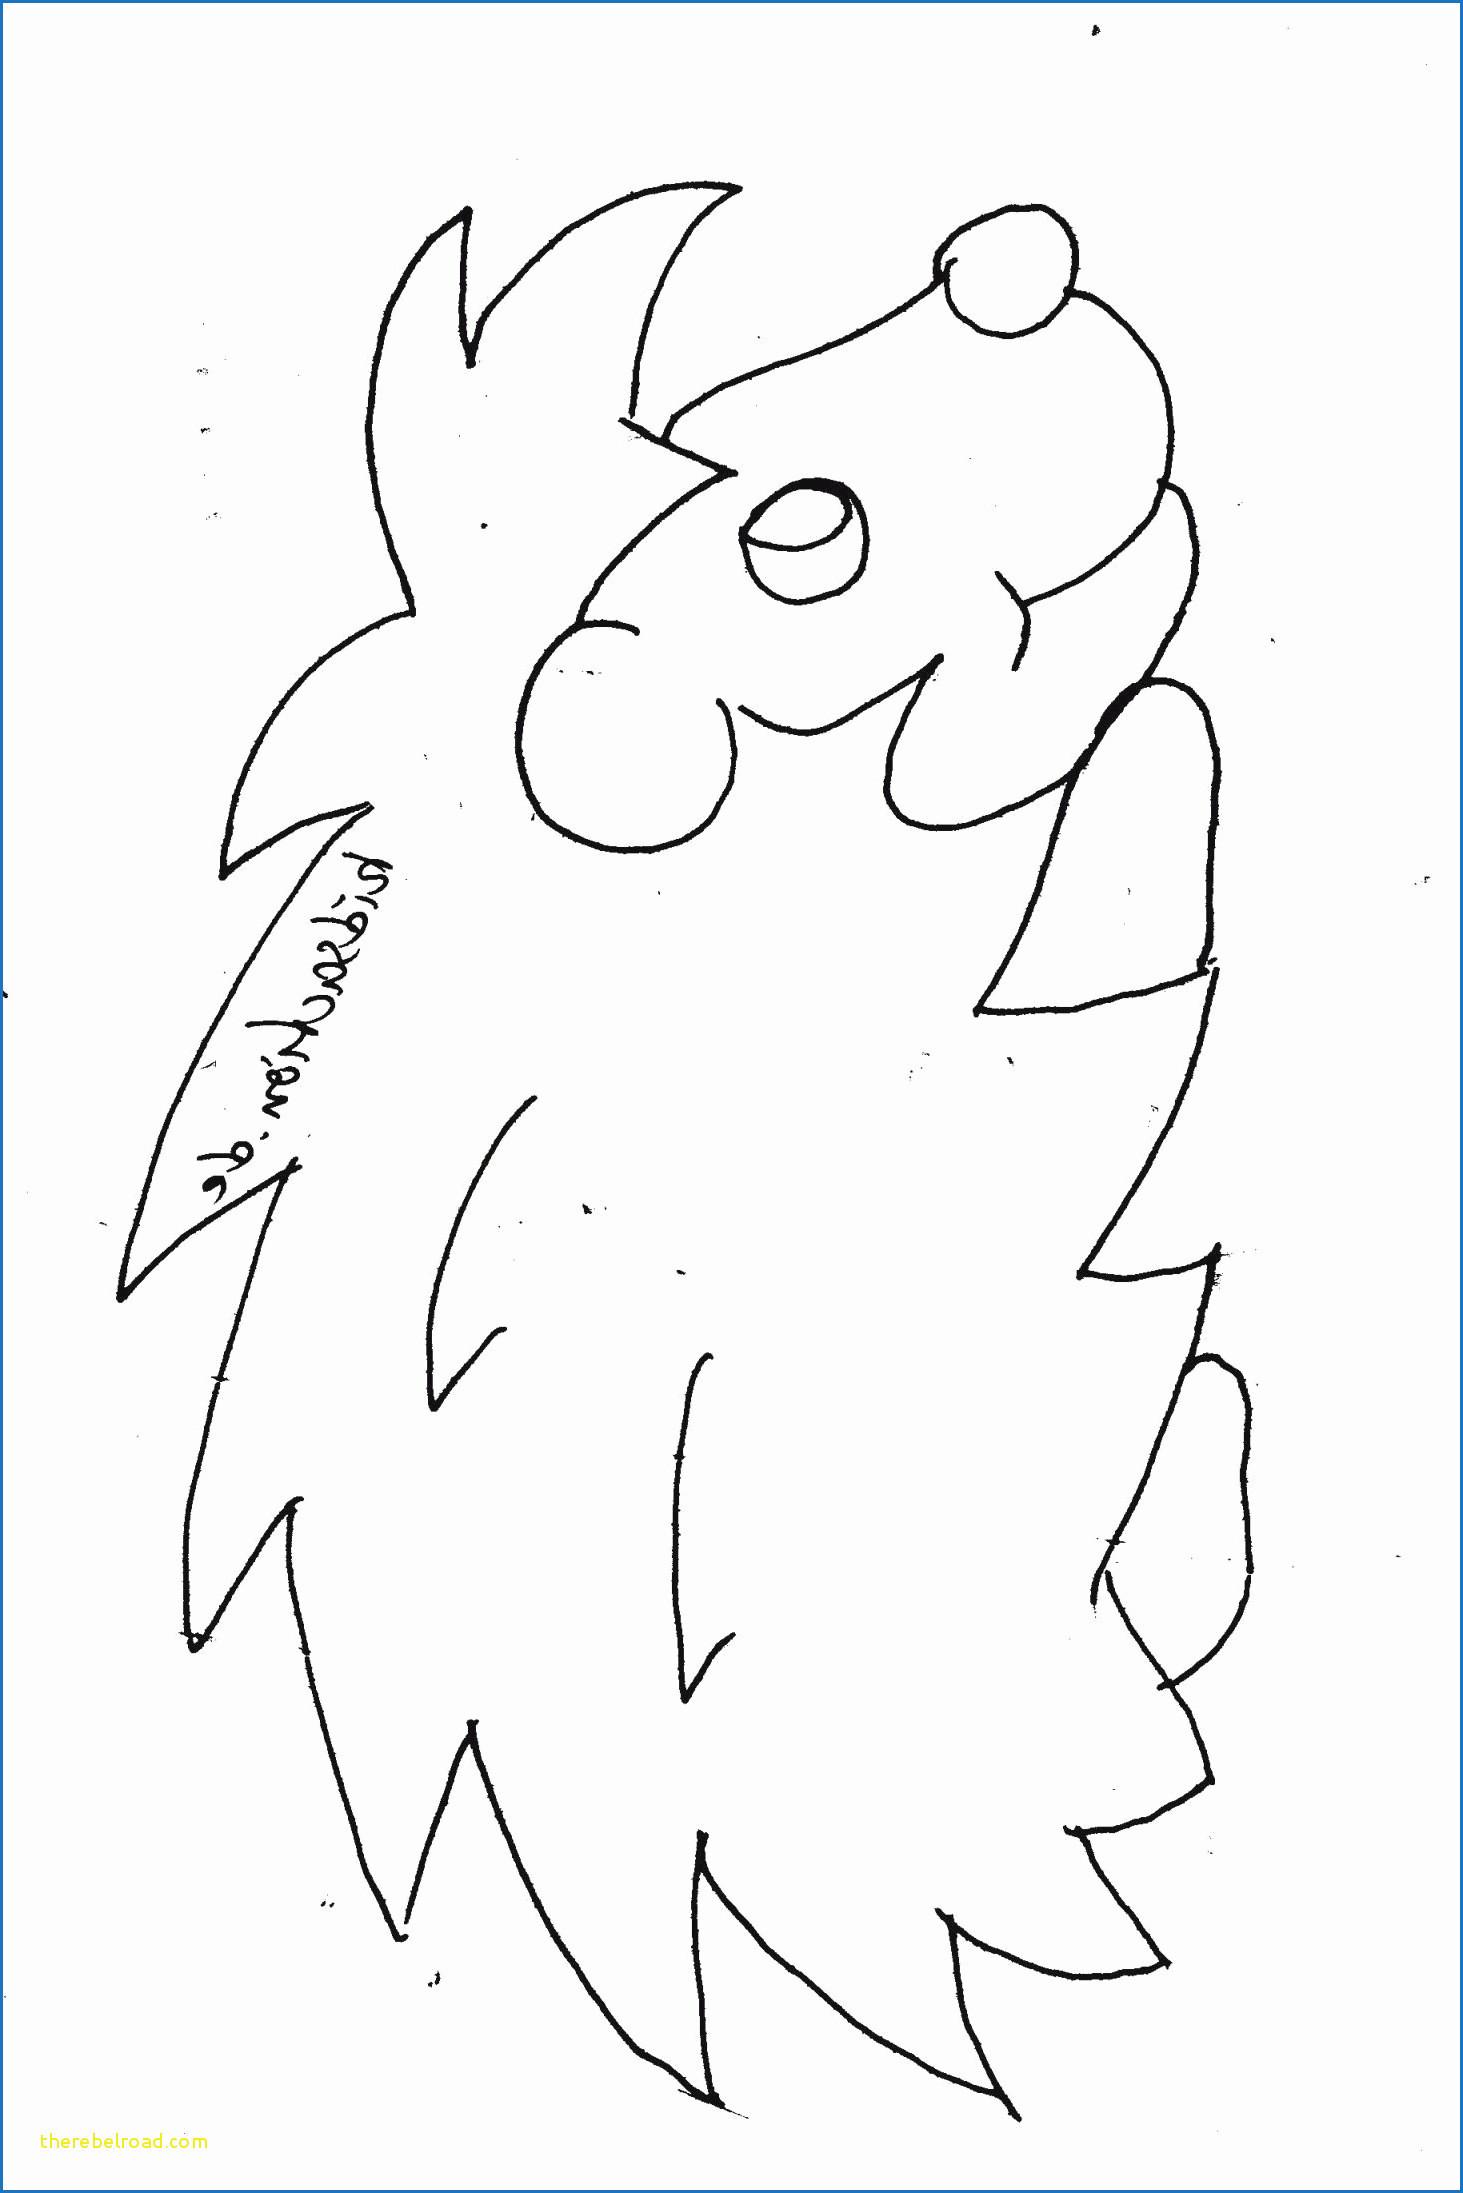 Ausmalbilder Osterhase Genial Hasen Ausmalbilder Image Ausmalbilder Kostenlos Sammlung